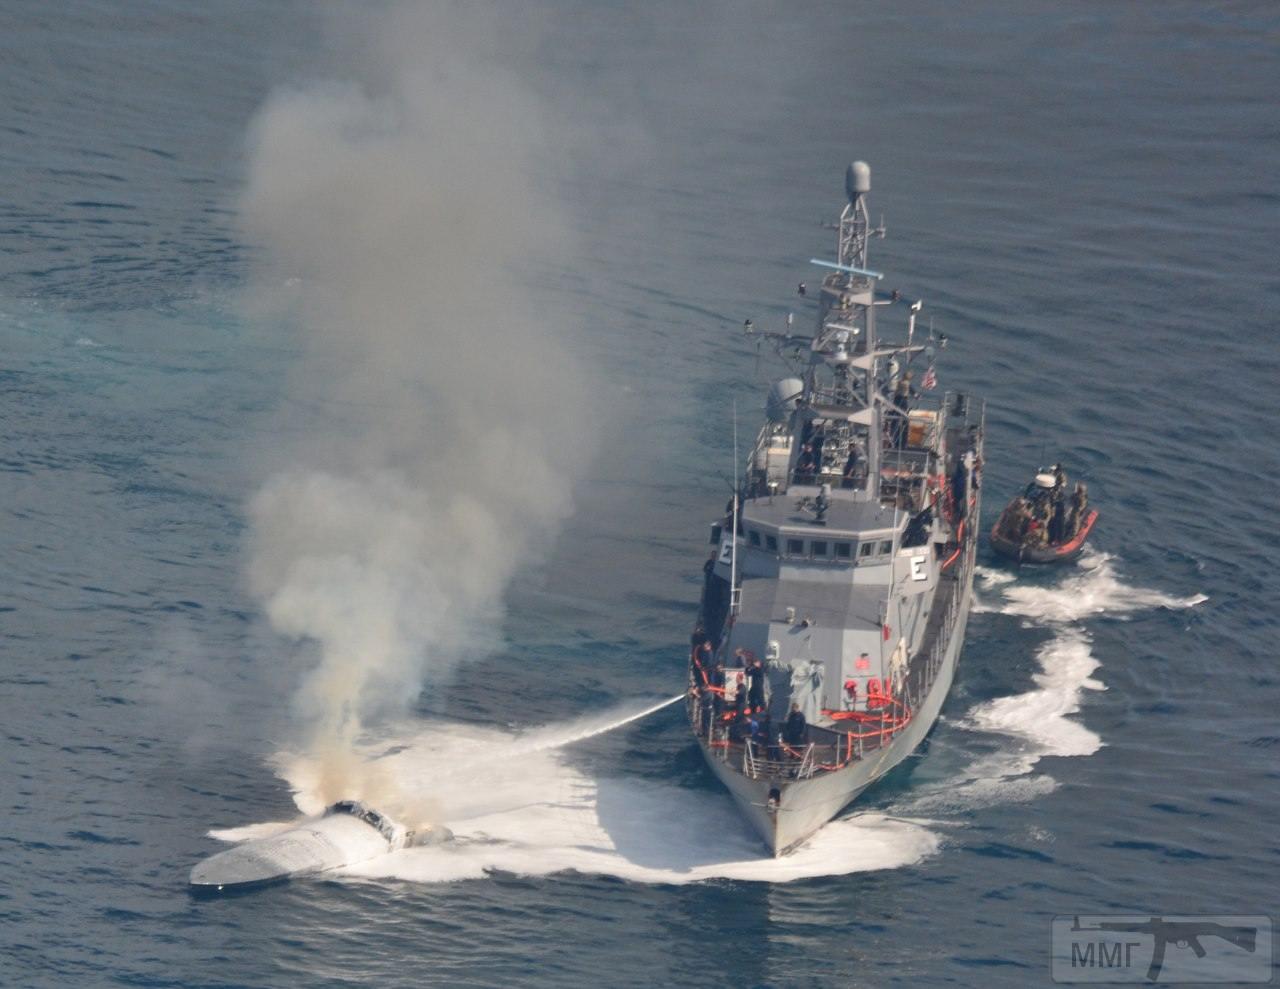 25693 - Сторожевой катер РС 8 Zephyr ВМС США осуществляет тушение пожара на перехваченном подожженом малозаметном скоростном катере колумбийских наркоторговцев, 07.04.2018